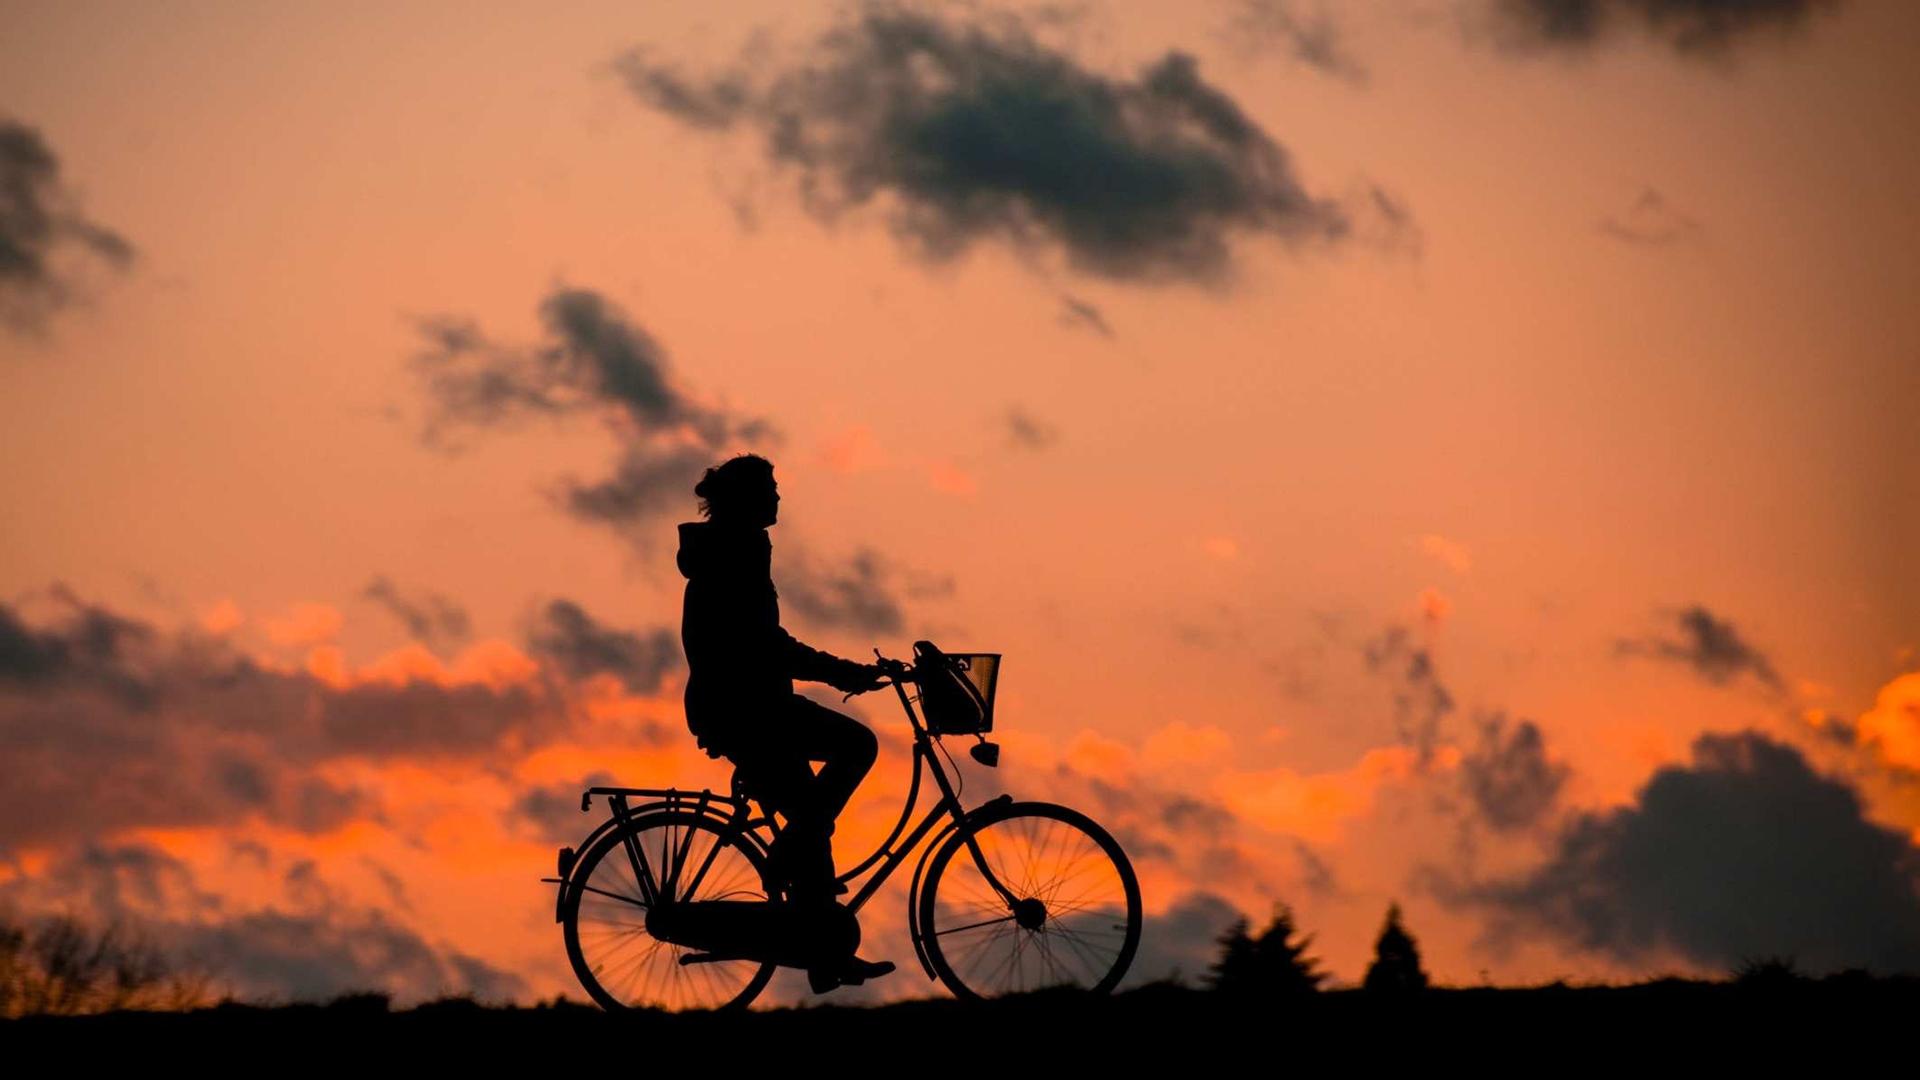 Ein Fahrradfahrer in den Abendstunden radelt durch die Gegend.